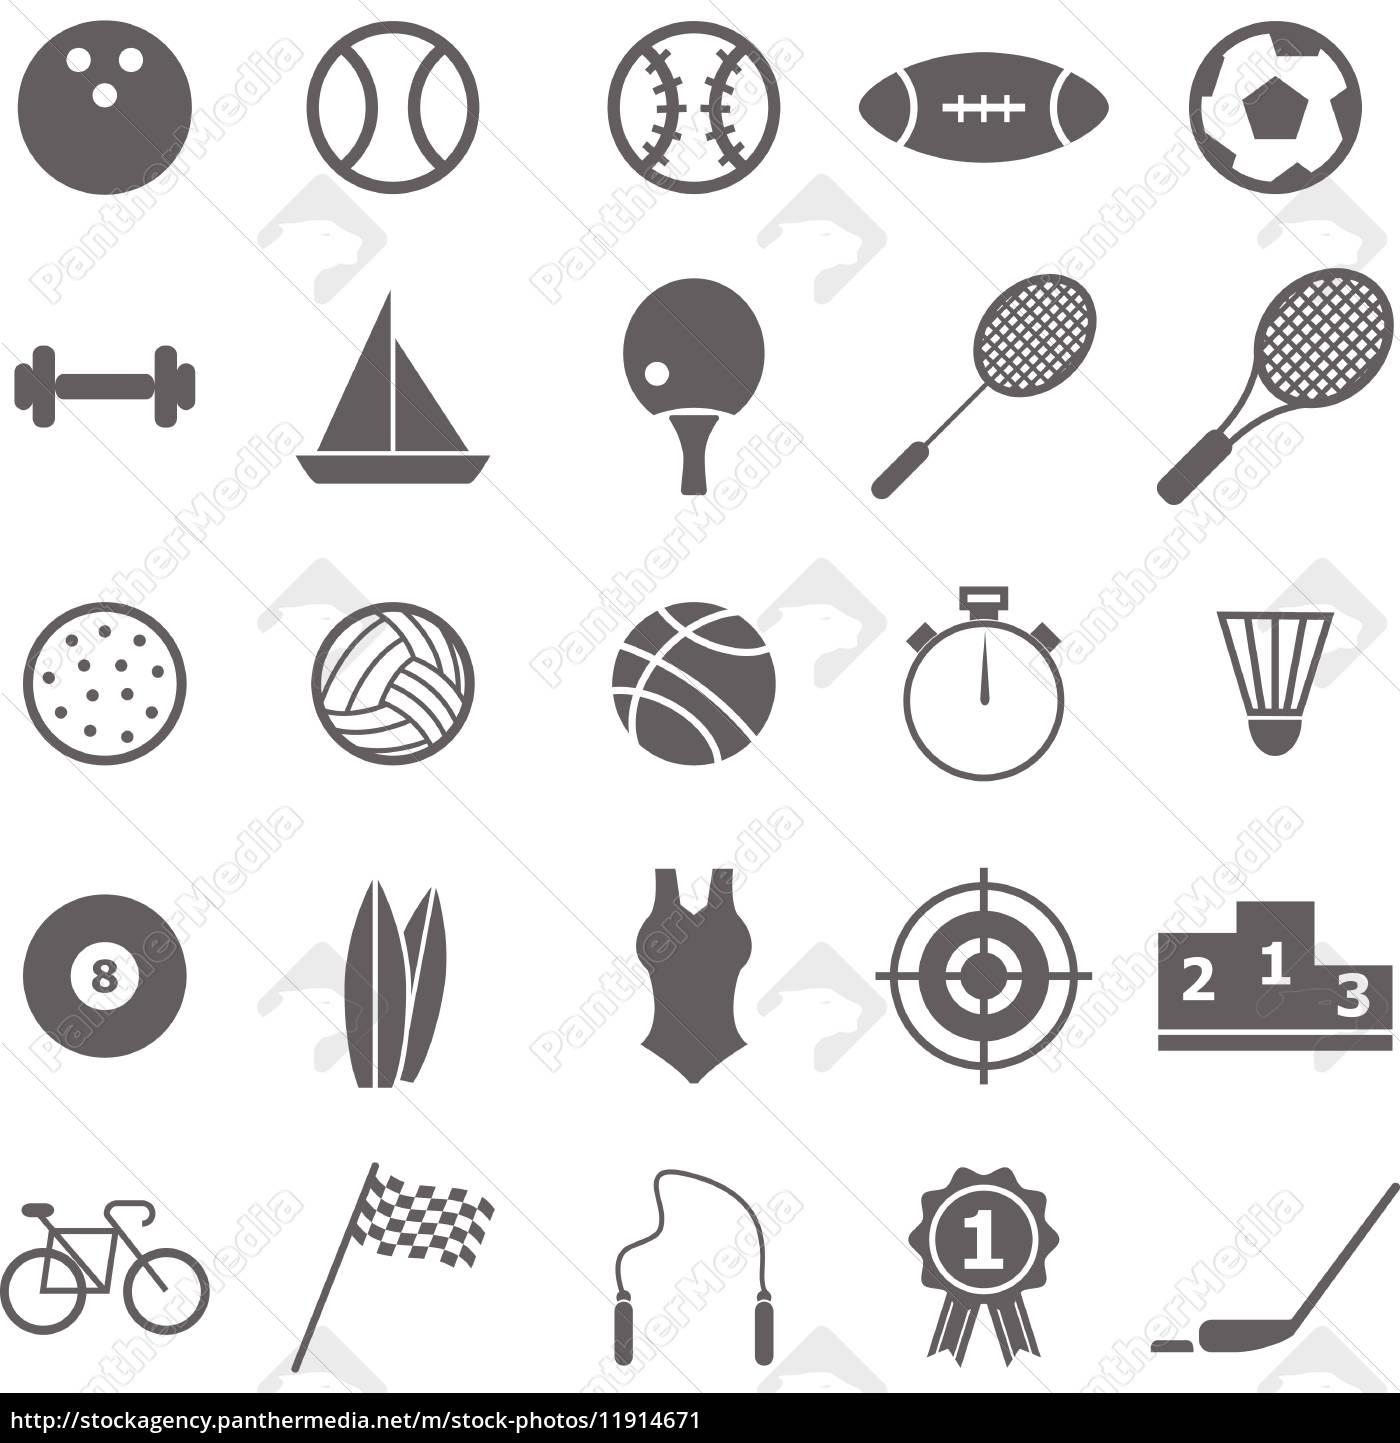 sport-symbole auf weißem hintergrund - Stockfoto - #11914671 ...